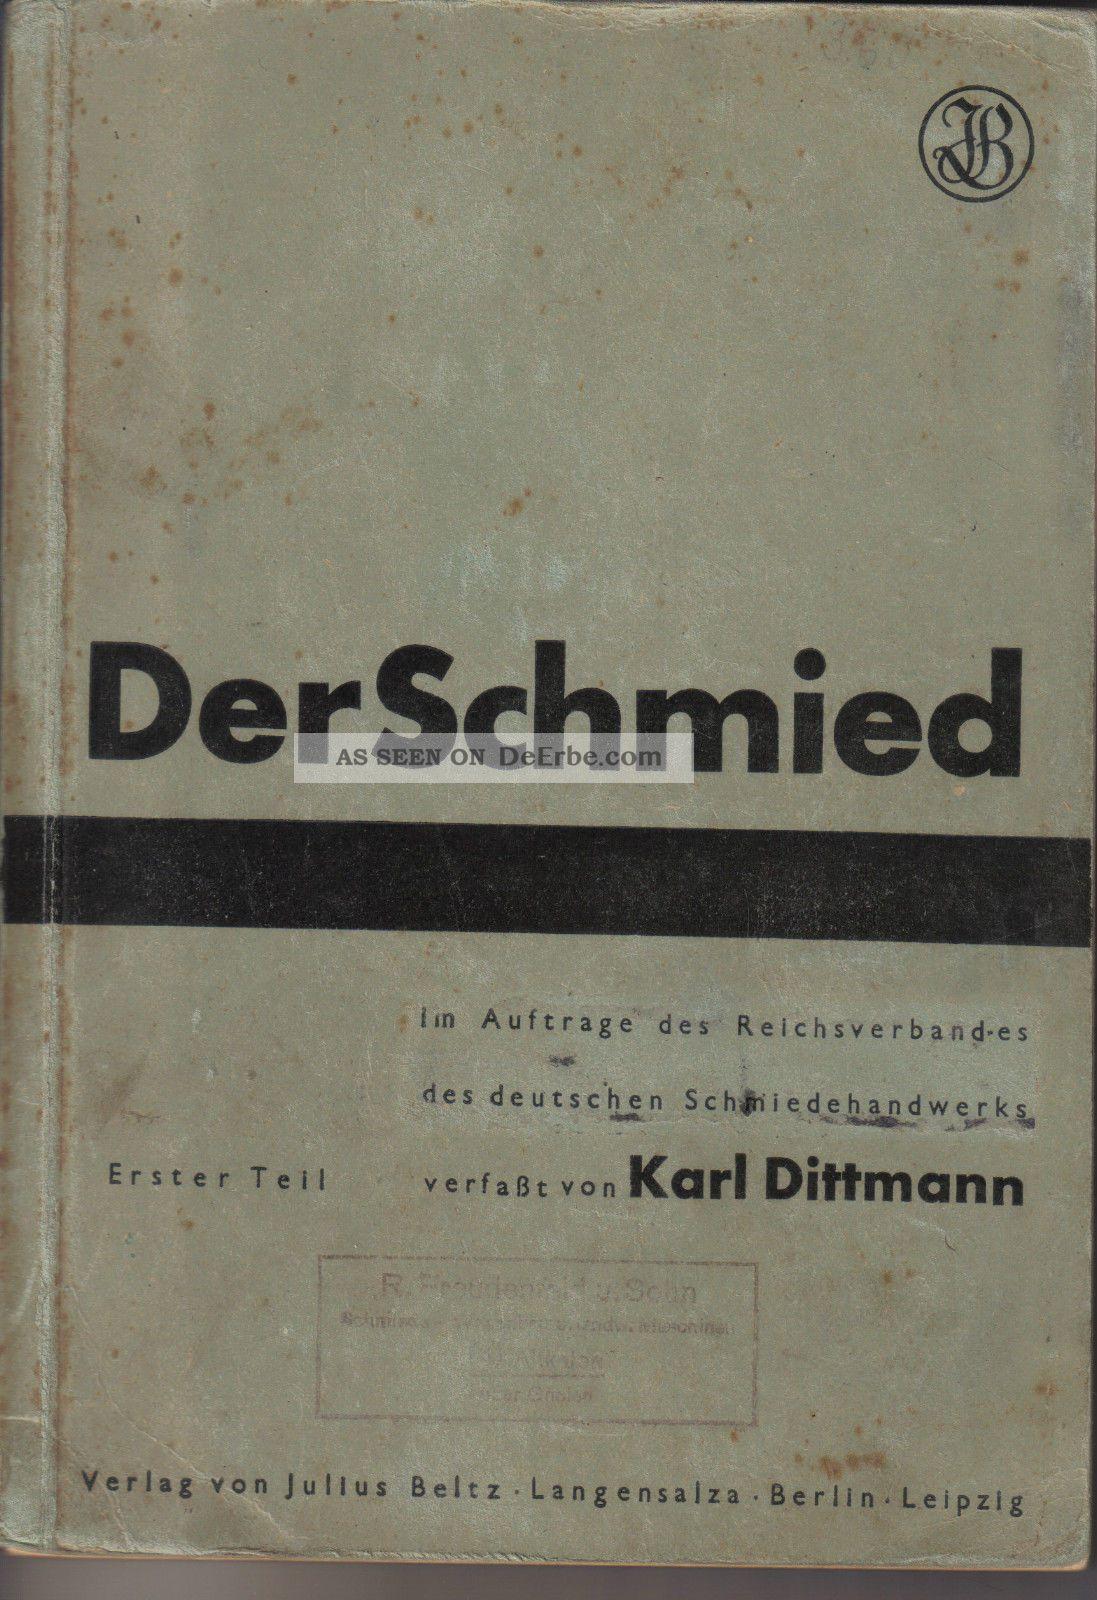 Der Schmied Karl Dittmann 1944 1.  Teil Die Werkstoffe Des Schmiedes Verarbeitung Alte Berufe Bild